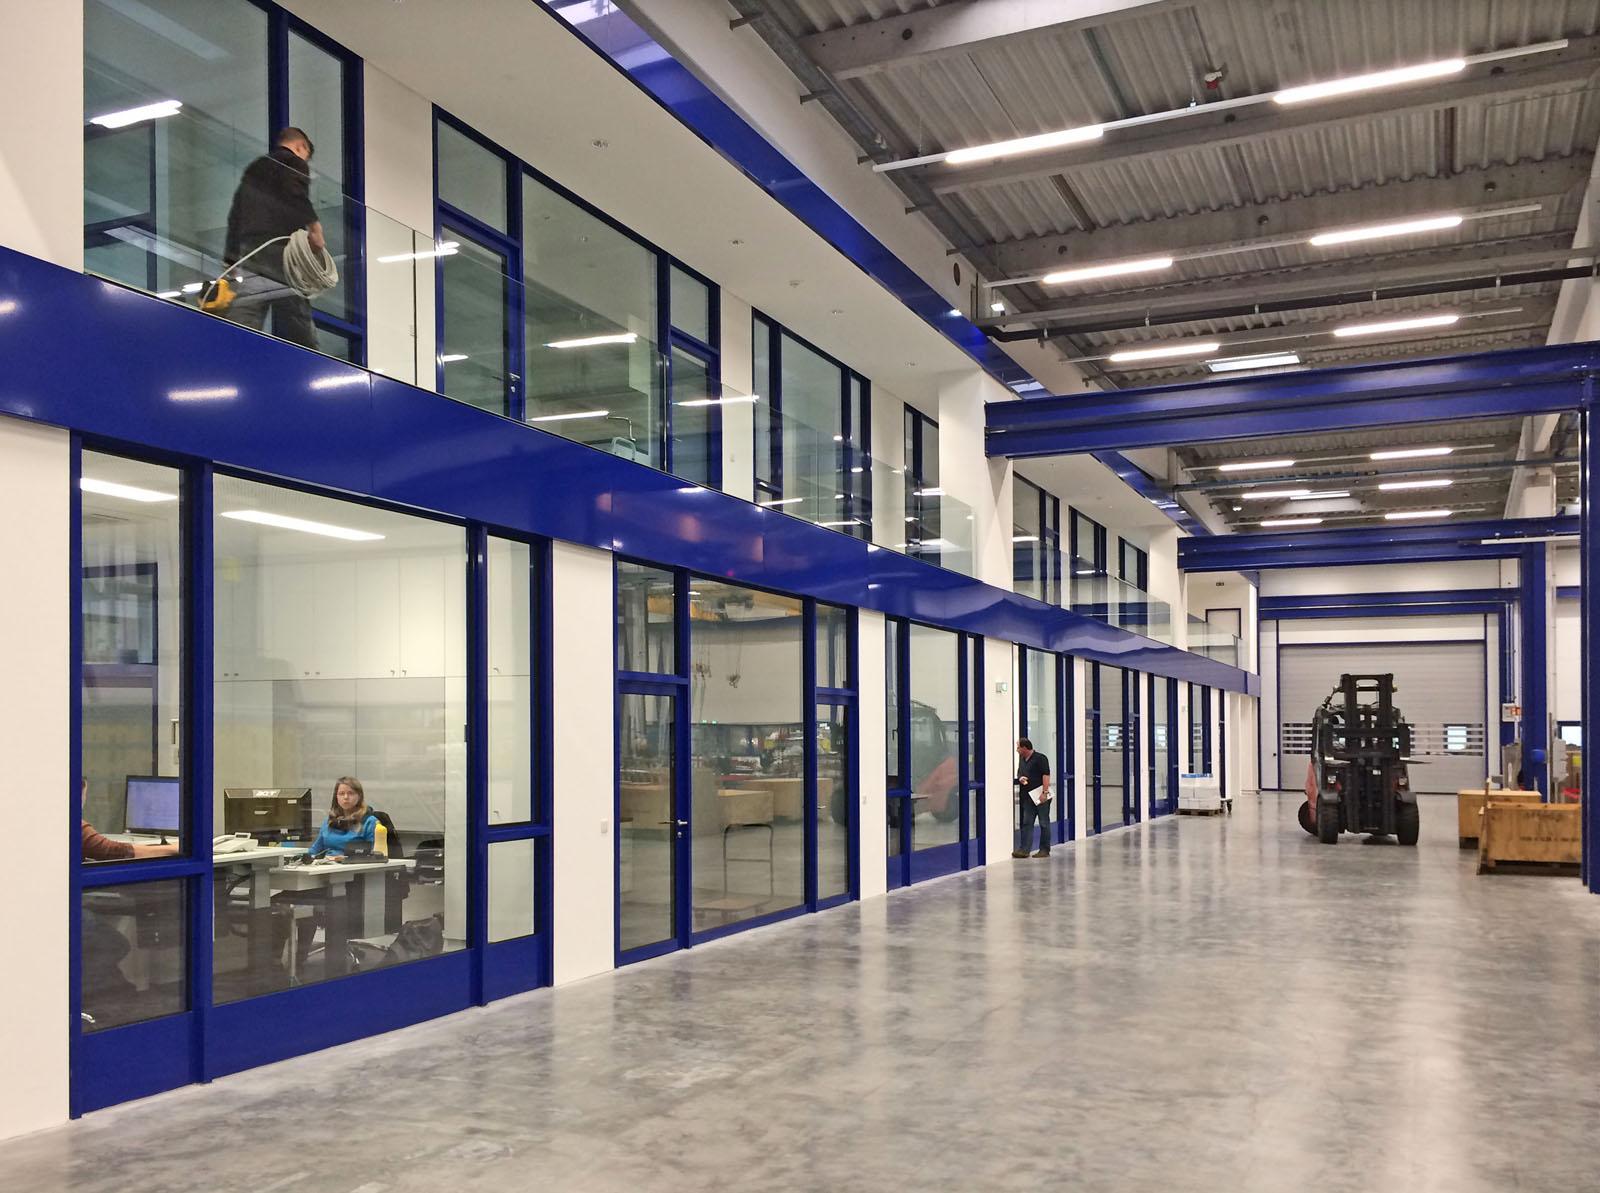 211 woll maschinenbau halle d architekturwerk br njes for Architekturburo saarbrucken